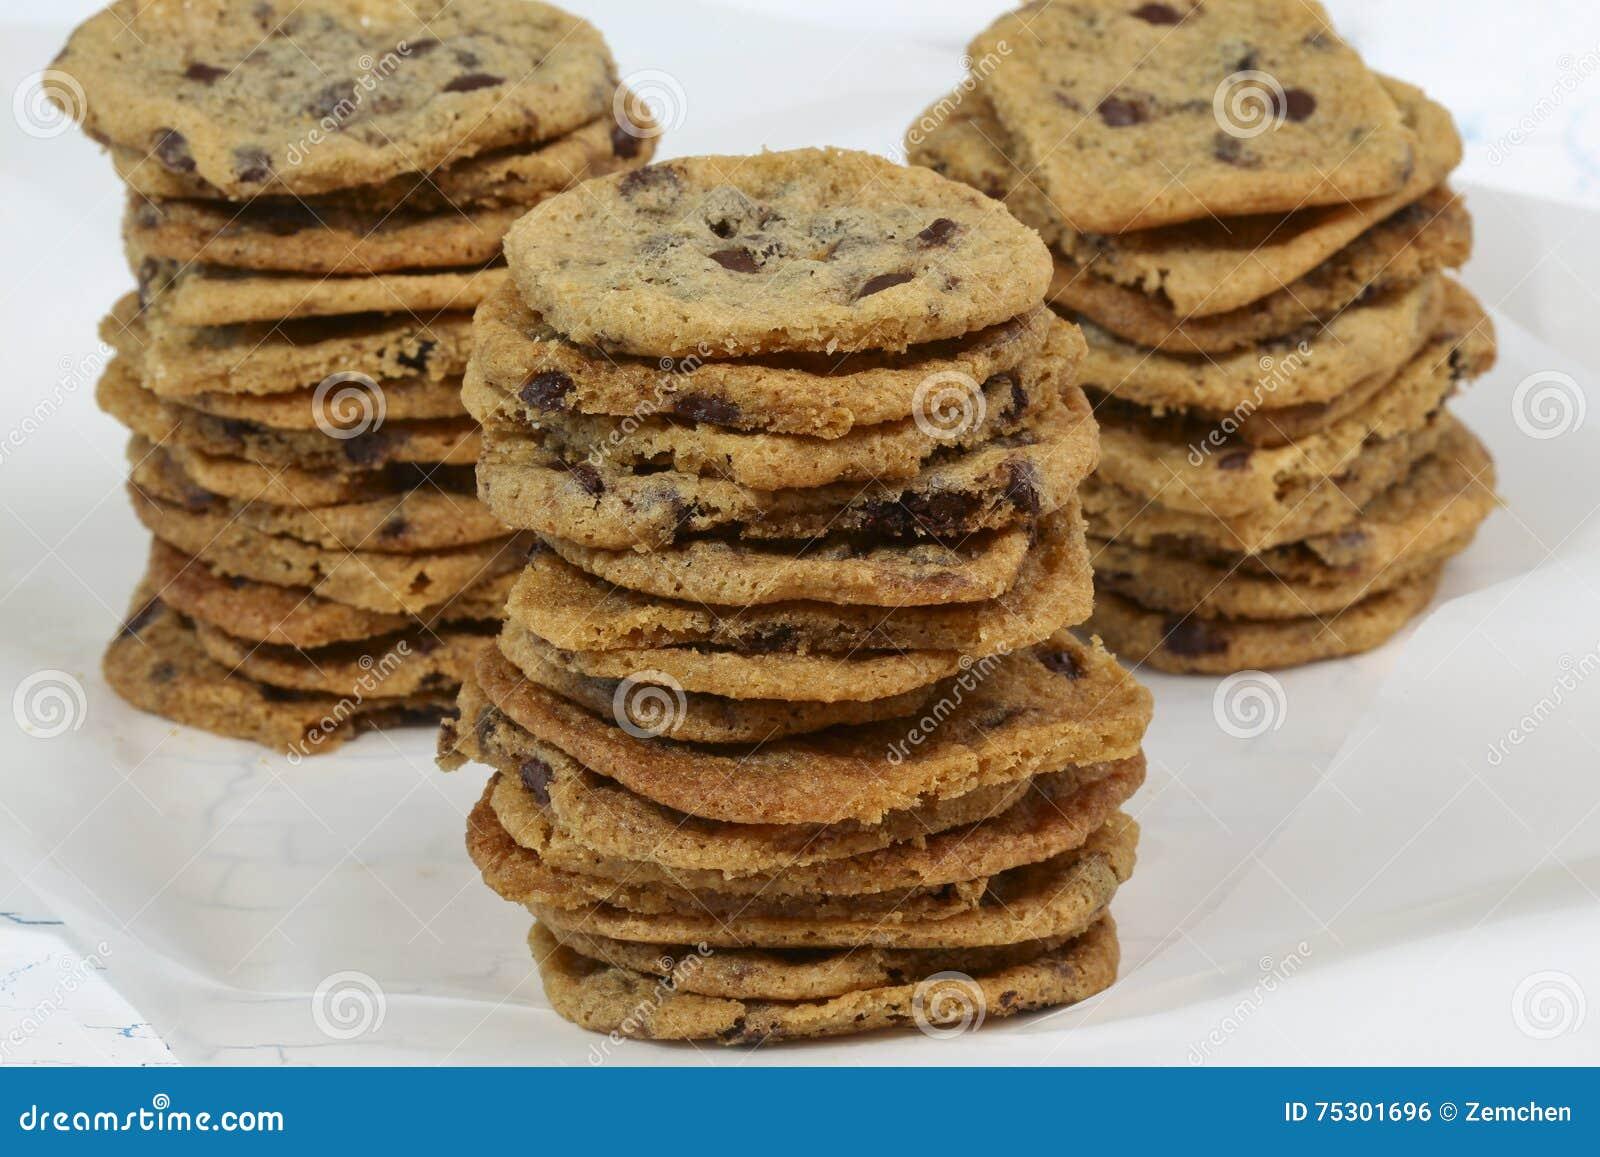 Biscuits caoutchouteux avec des puces de chocolat sur le fond blanc